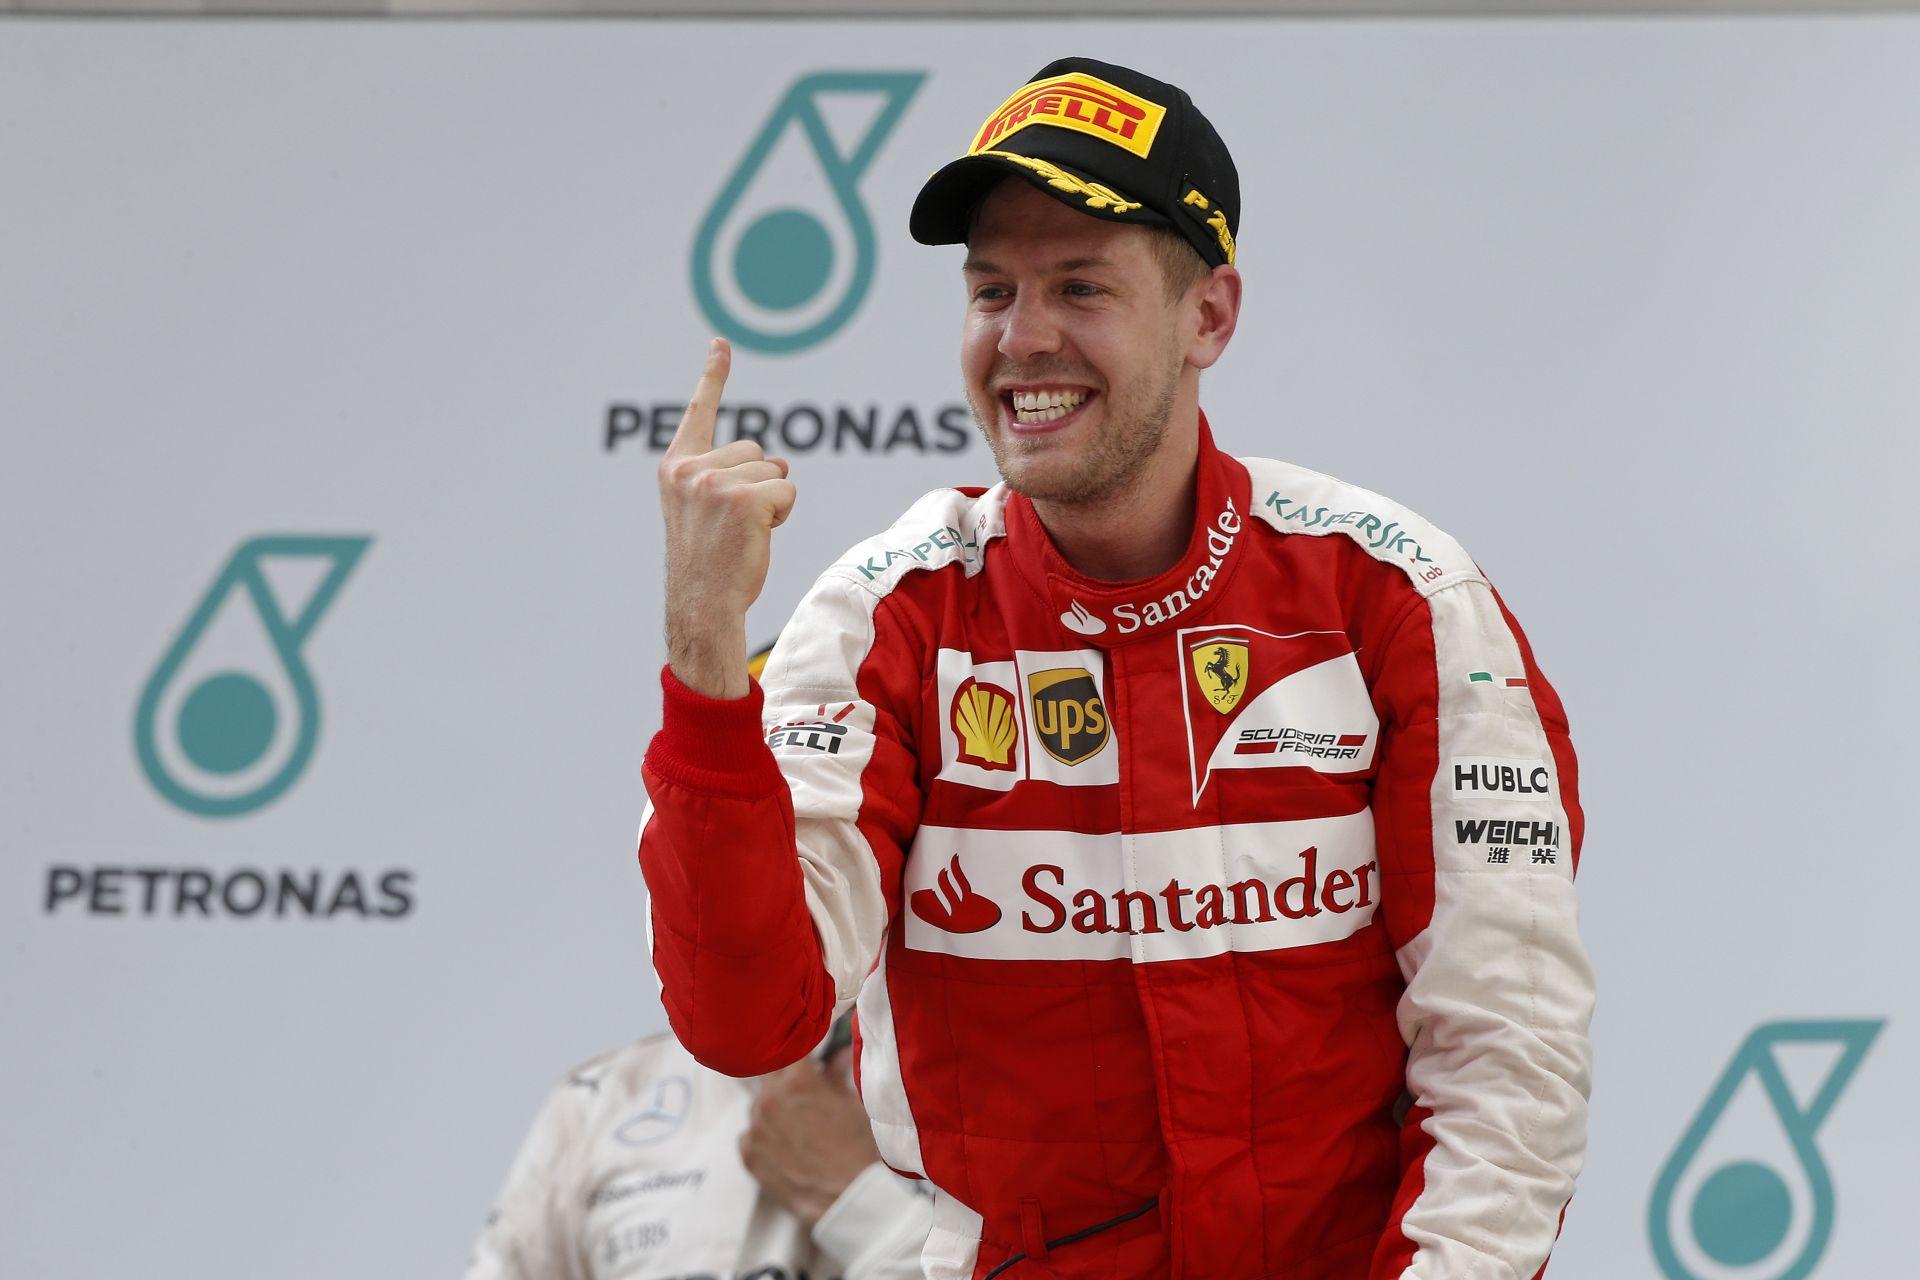 Jön a Magyar Nagydíj a Hungaroringen! Egy utolsó Ferrari, vagy Williams-győzelem a nyári szünet előtt?